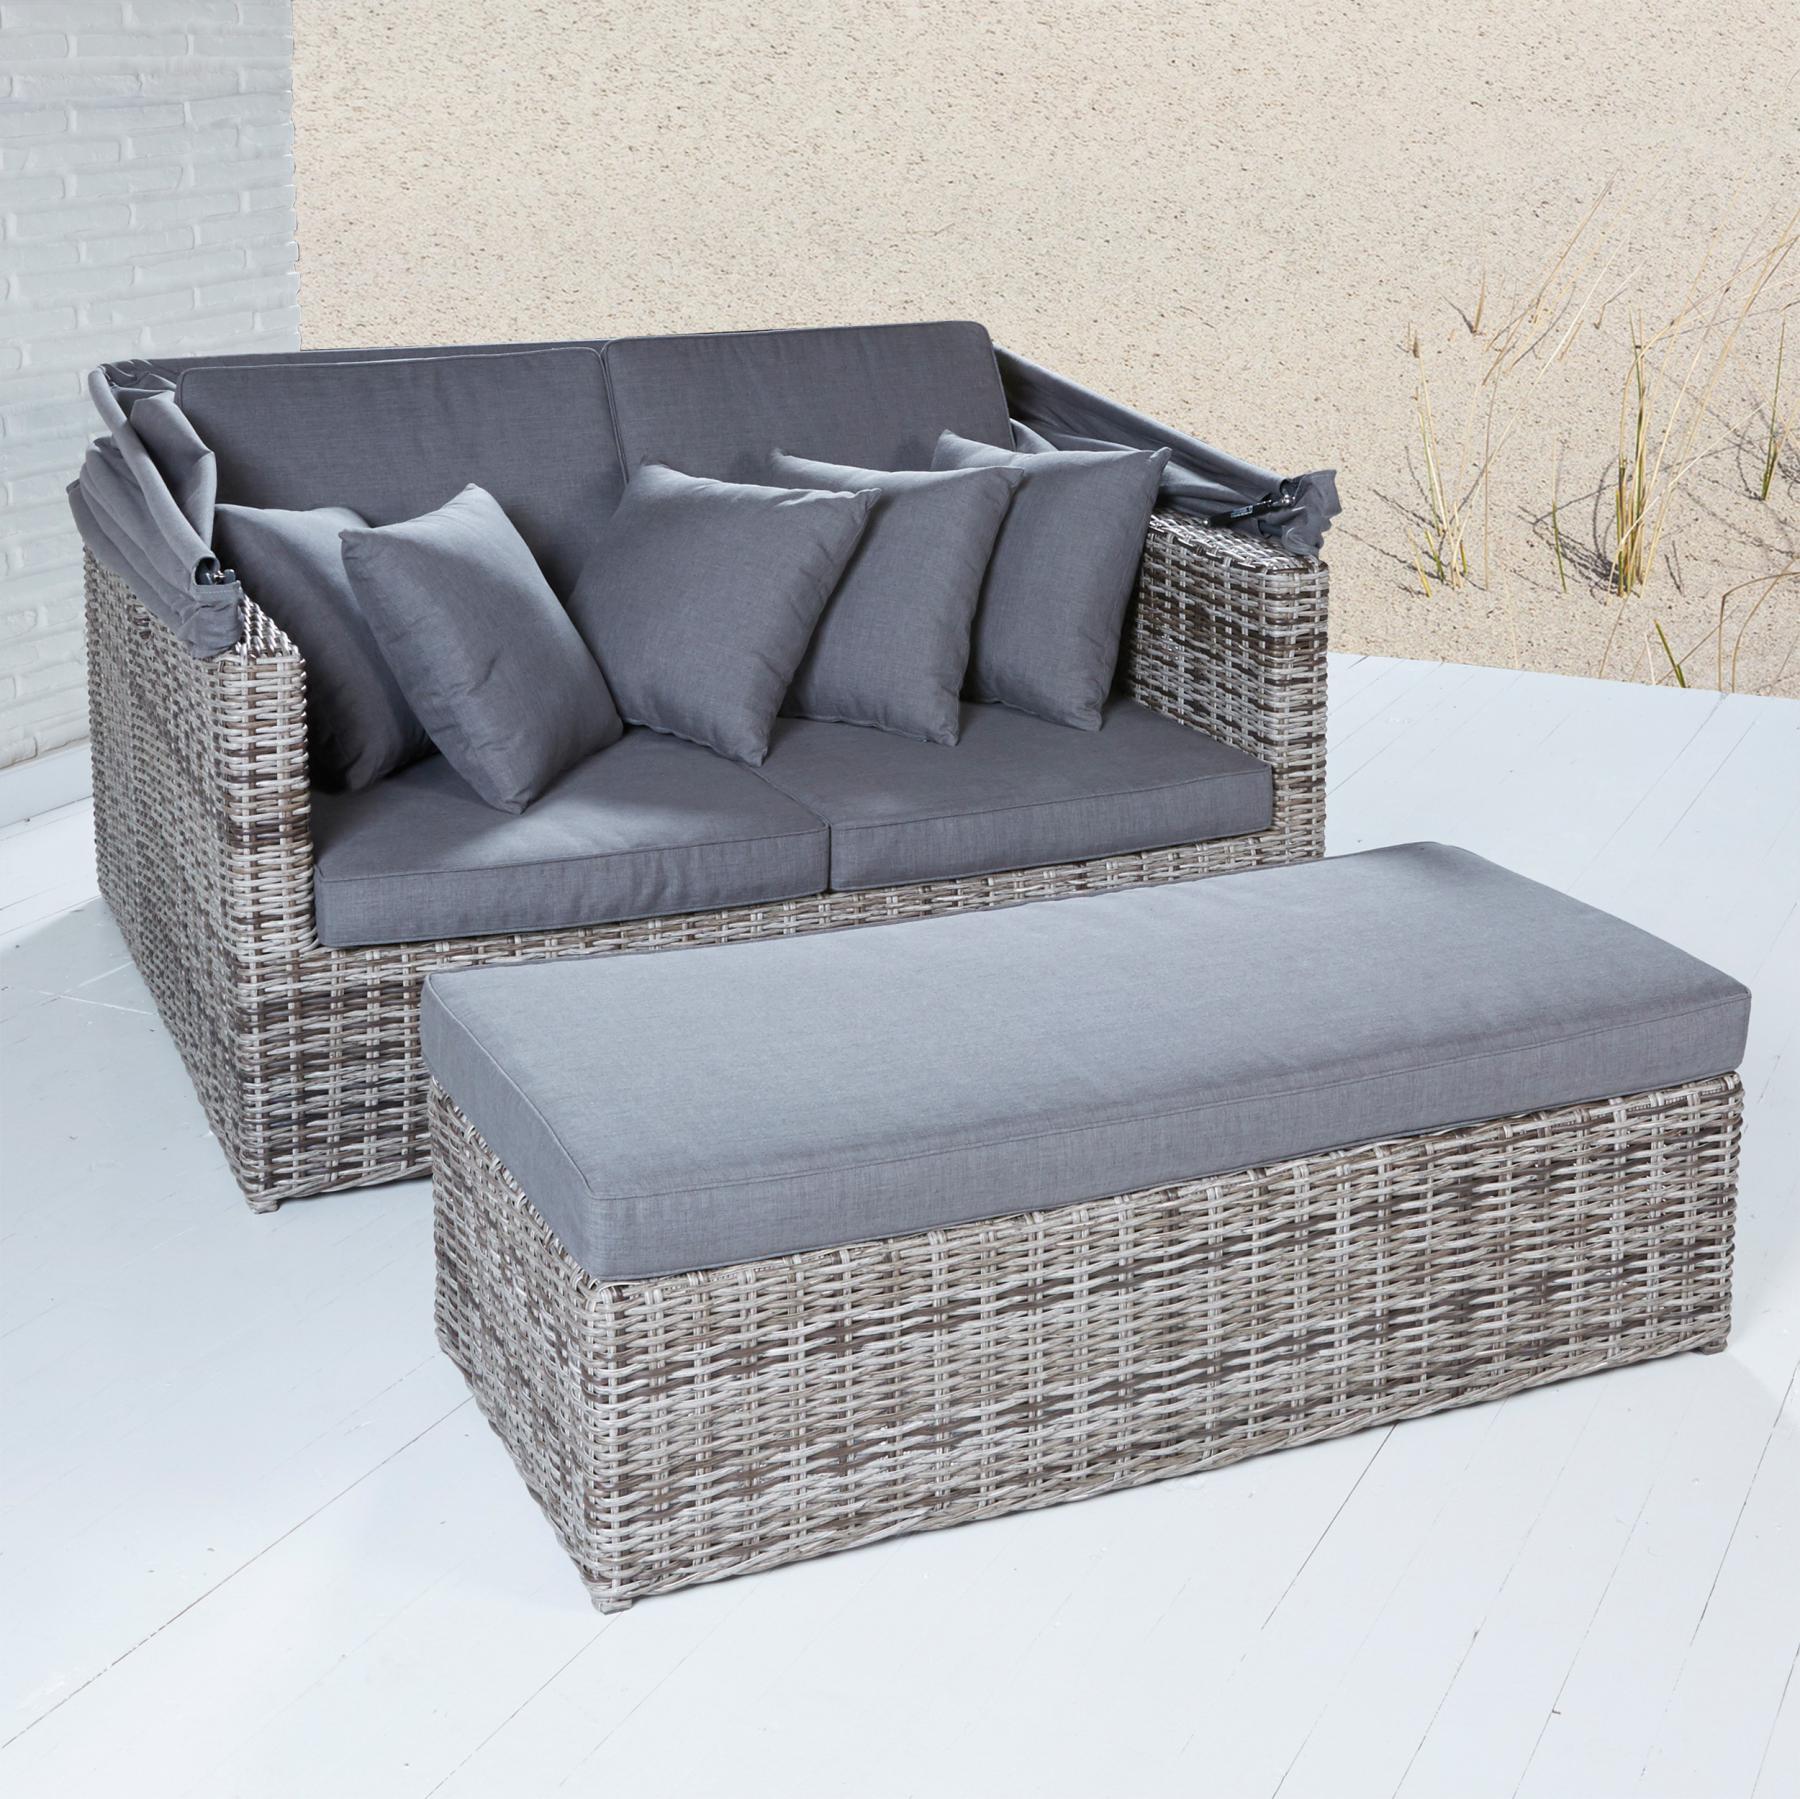 strandlounge sevilla vintage braun sonnenliege polyrattan lounge muschel baldachin kaufen bei. Black Bedroom Furniture Sets. Home Design Ideas